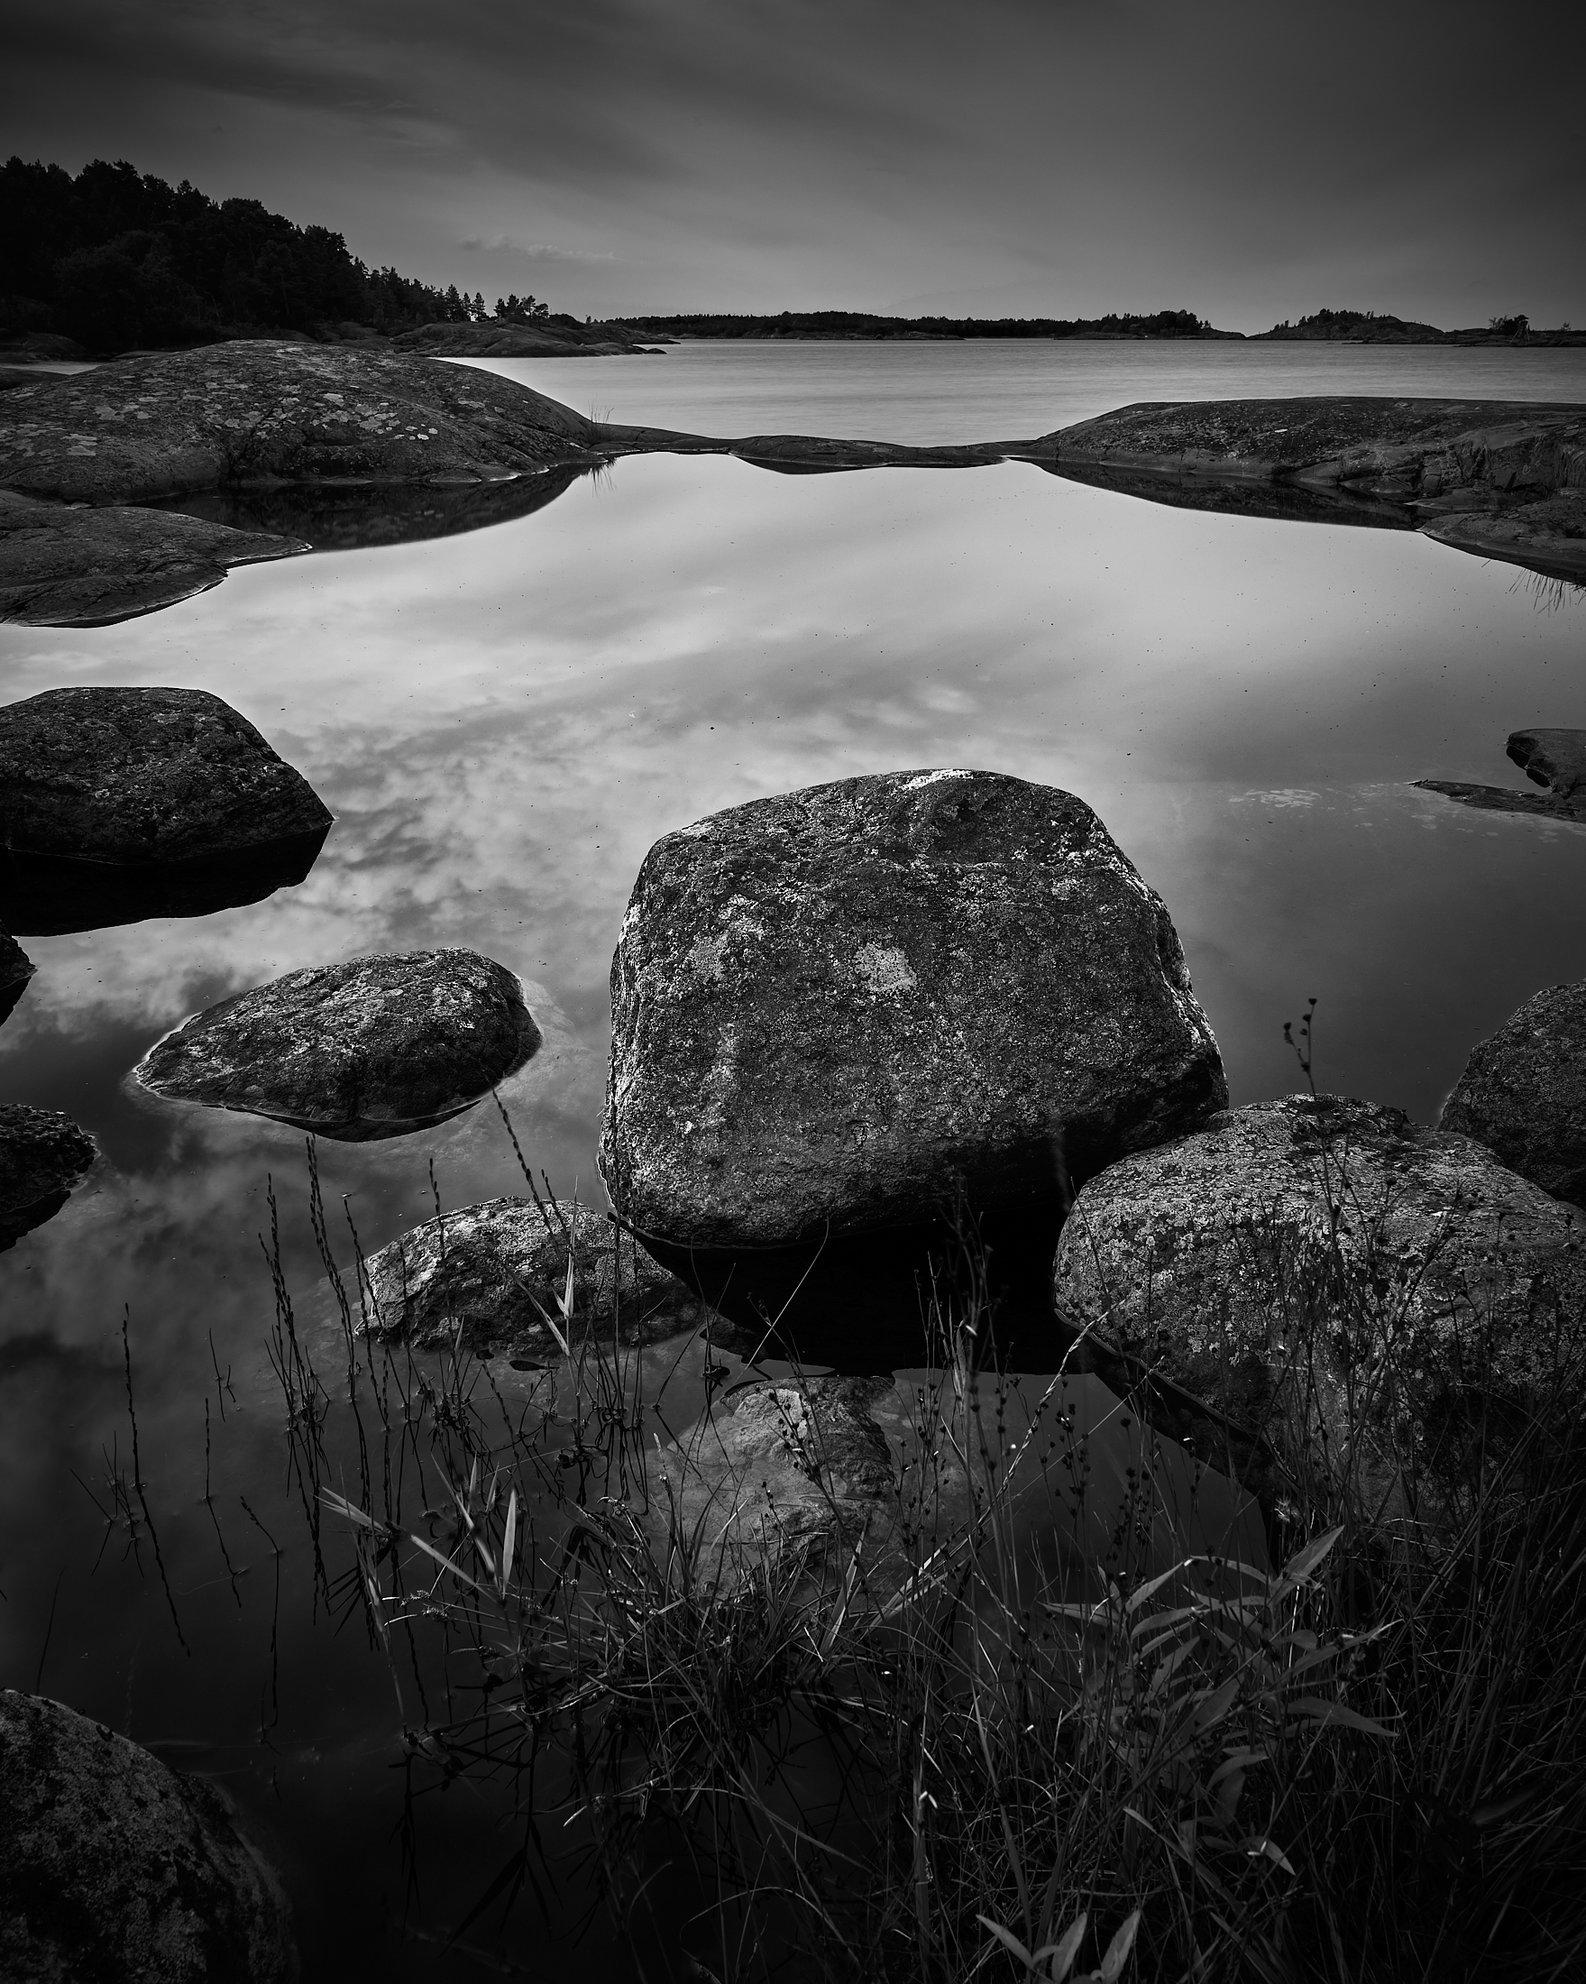 2017-09-21-Porkkala-0259.jpg